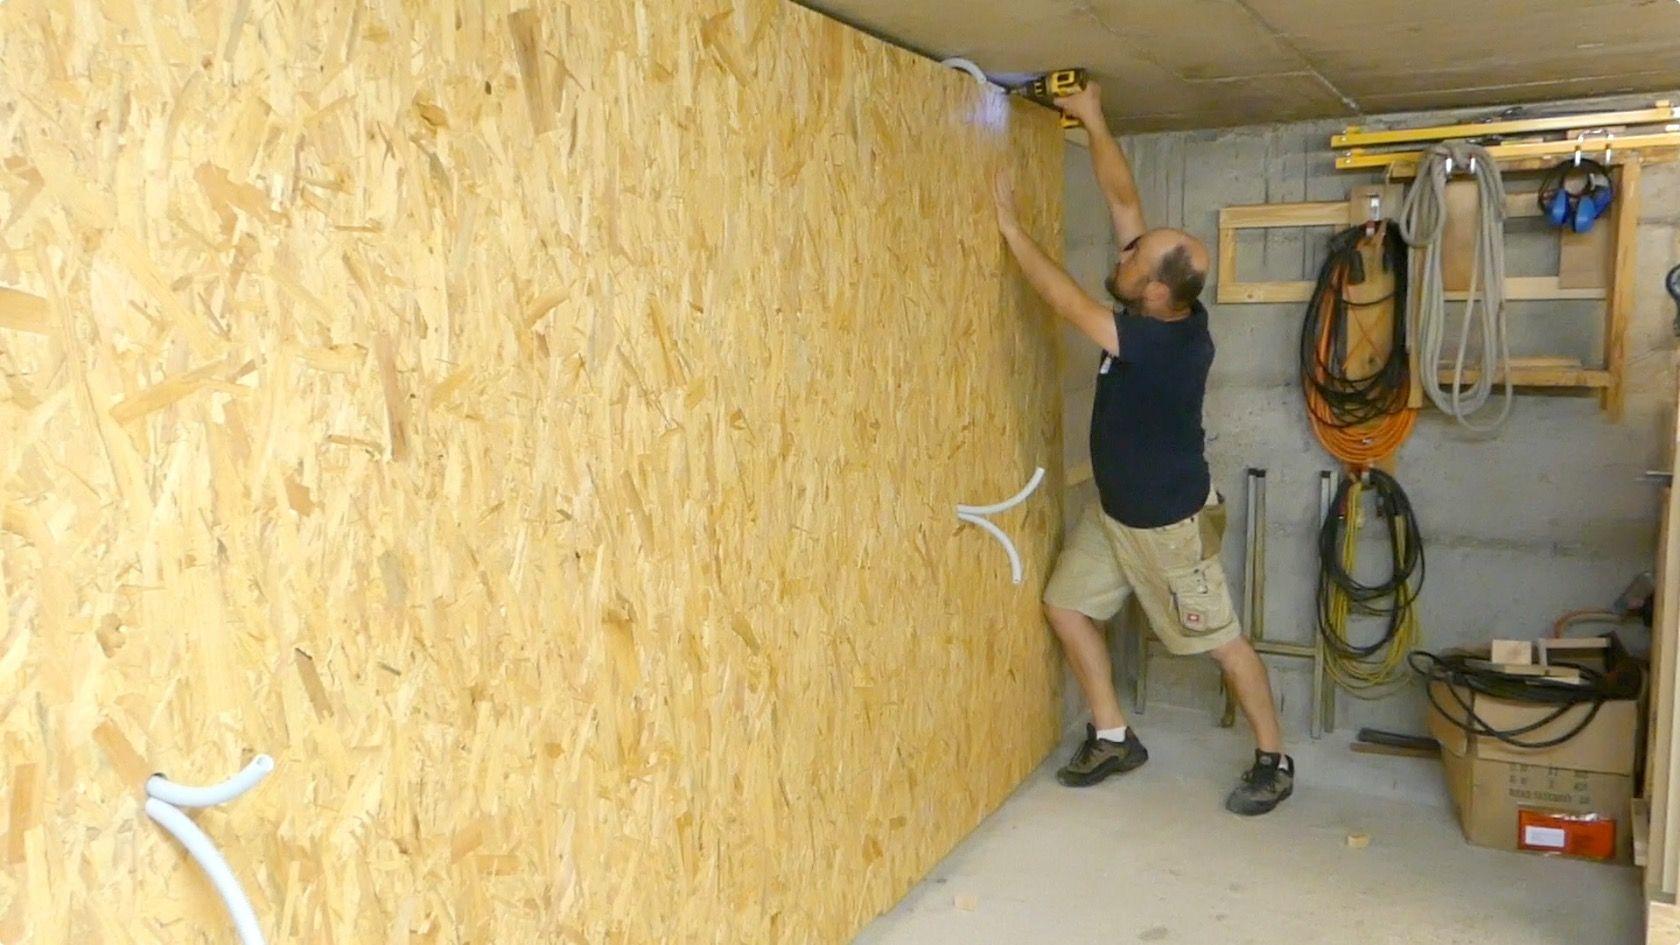 hhw-osb-tool-wall_19  Werkzeugwand, Holz-handwerk, Holzregale